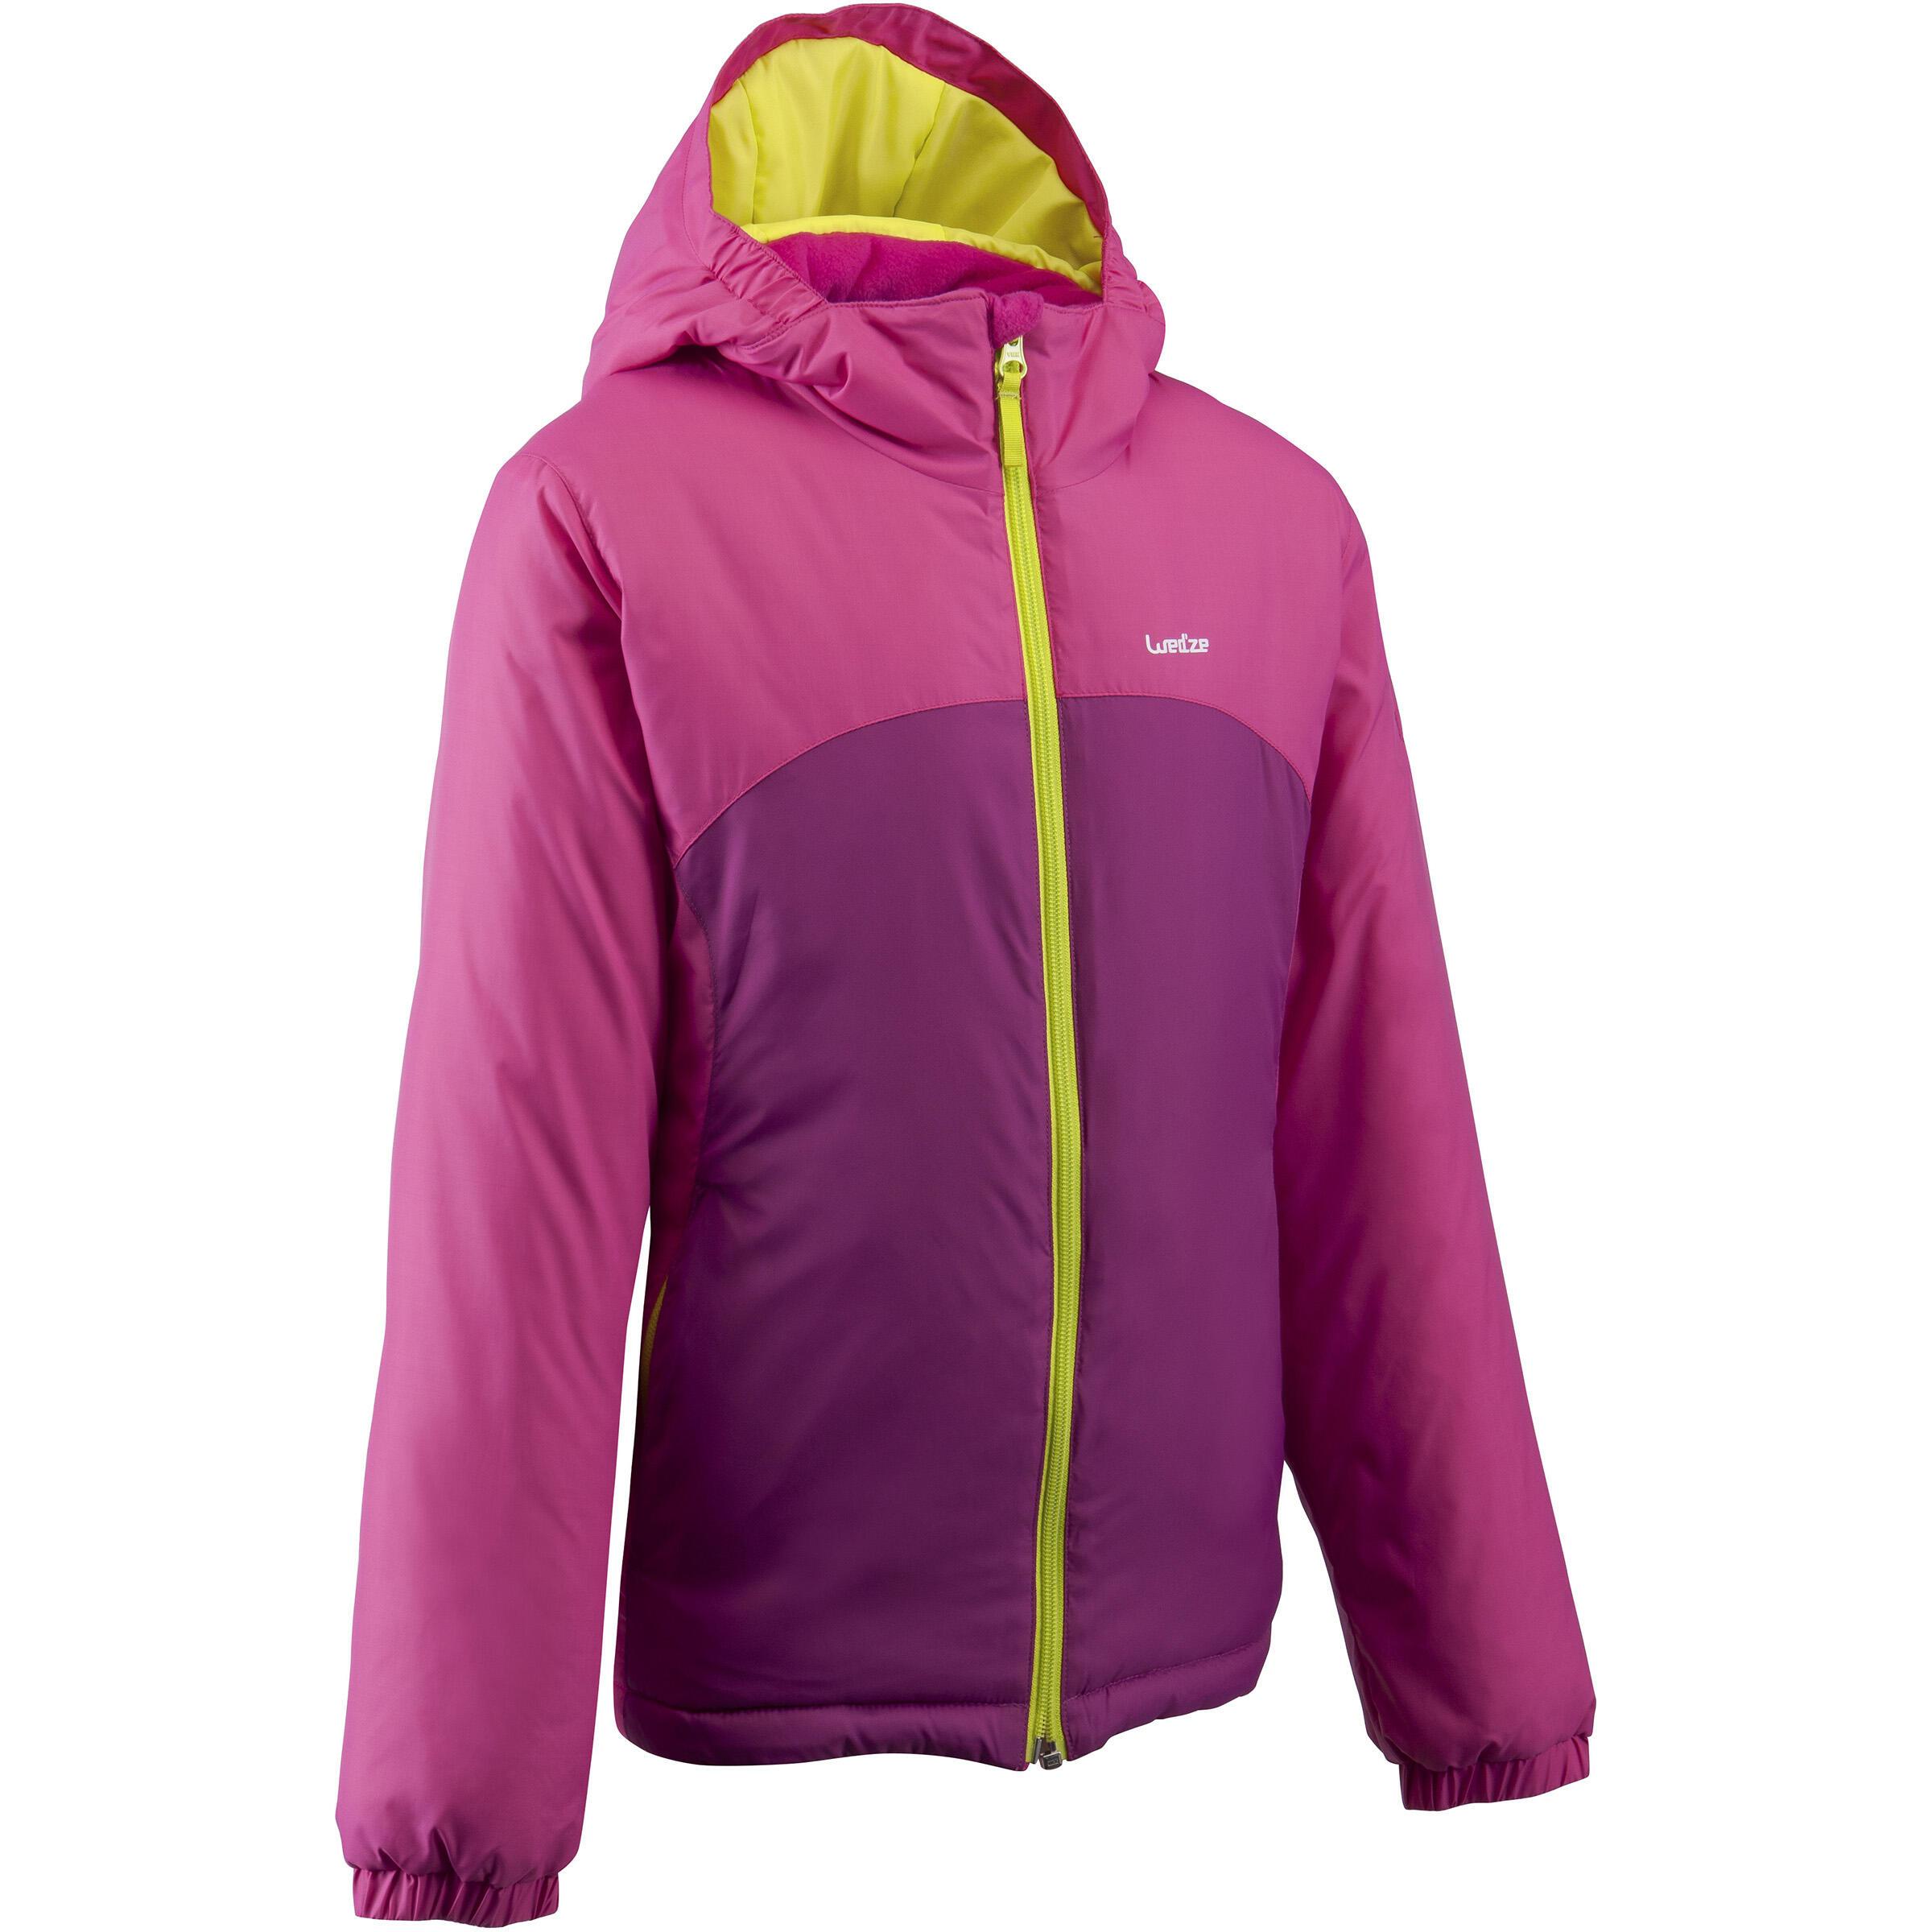 เสื้อแจ็คเก็ตเด็กสำหรับใส่เล่นสกีรุ่น SKI-P JKT 100 (สีชมพู)